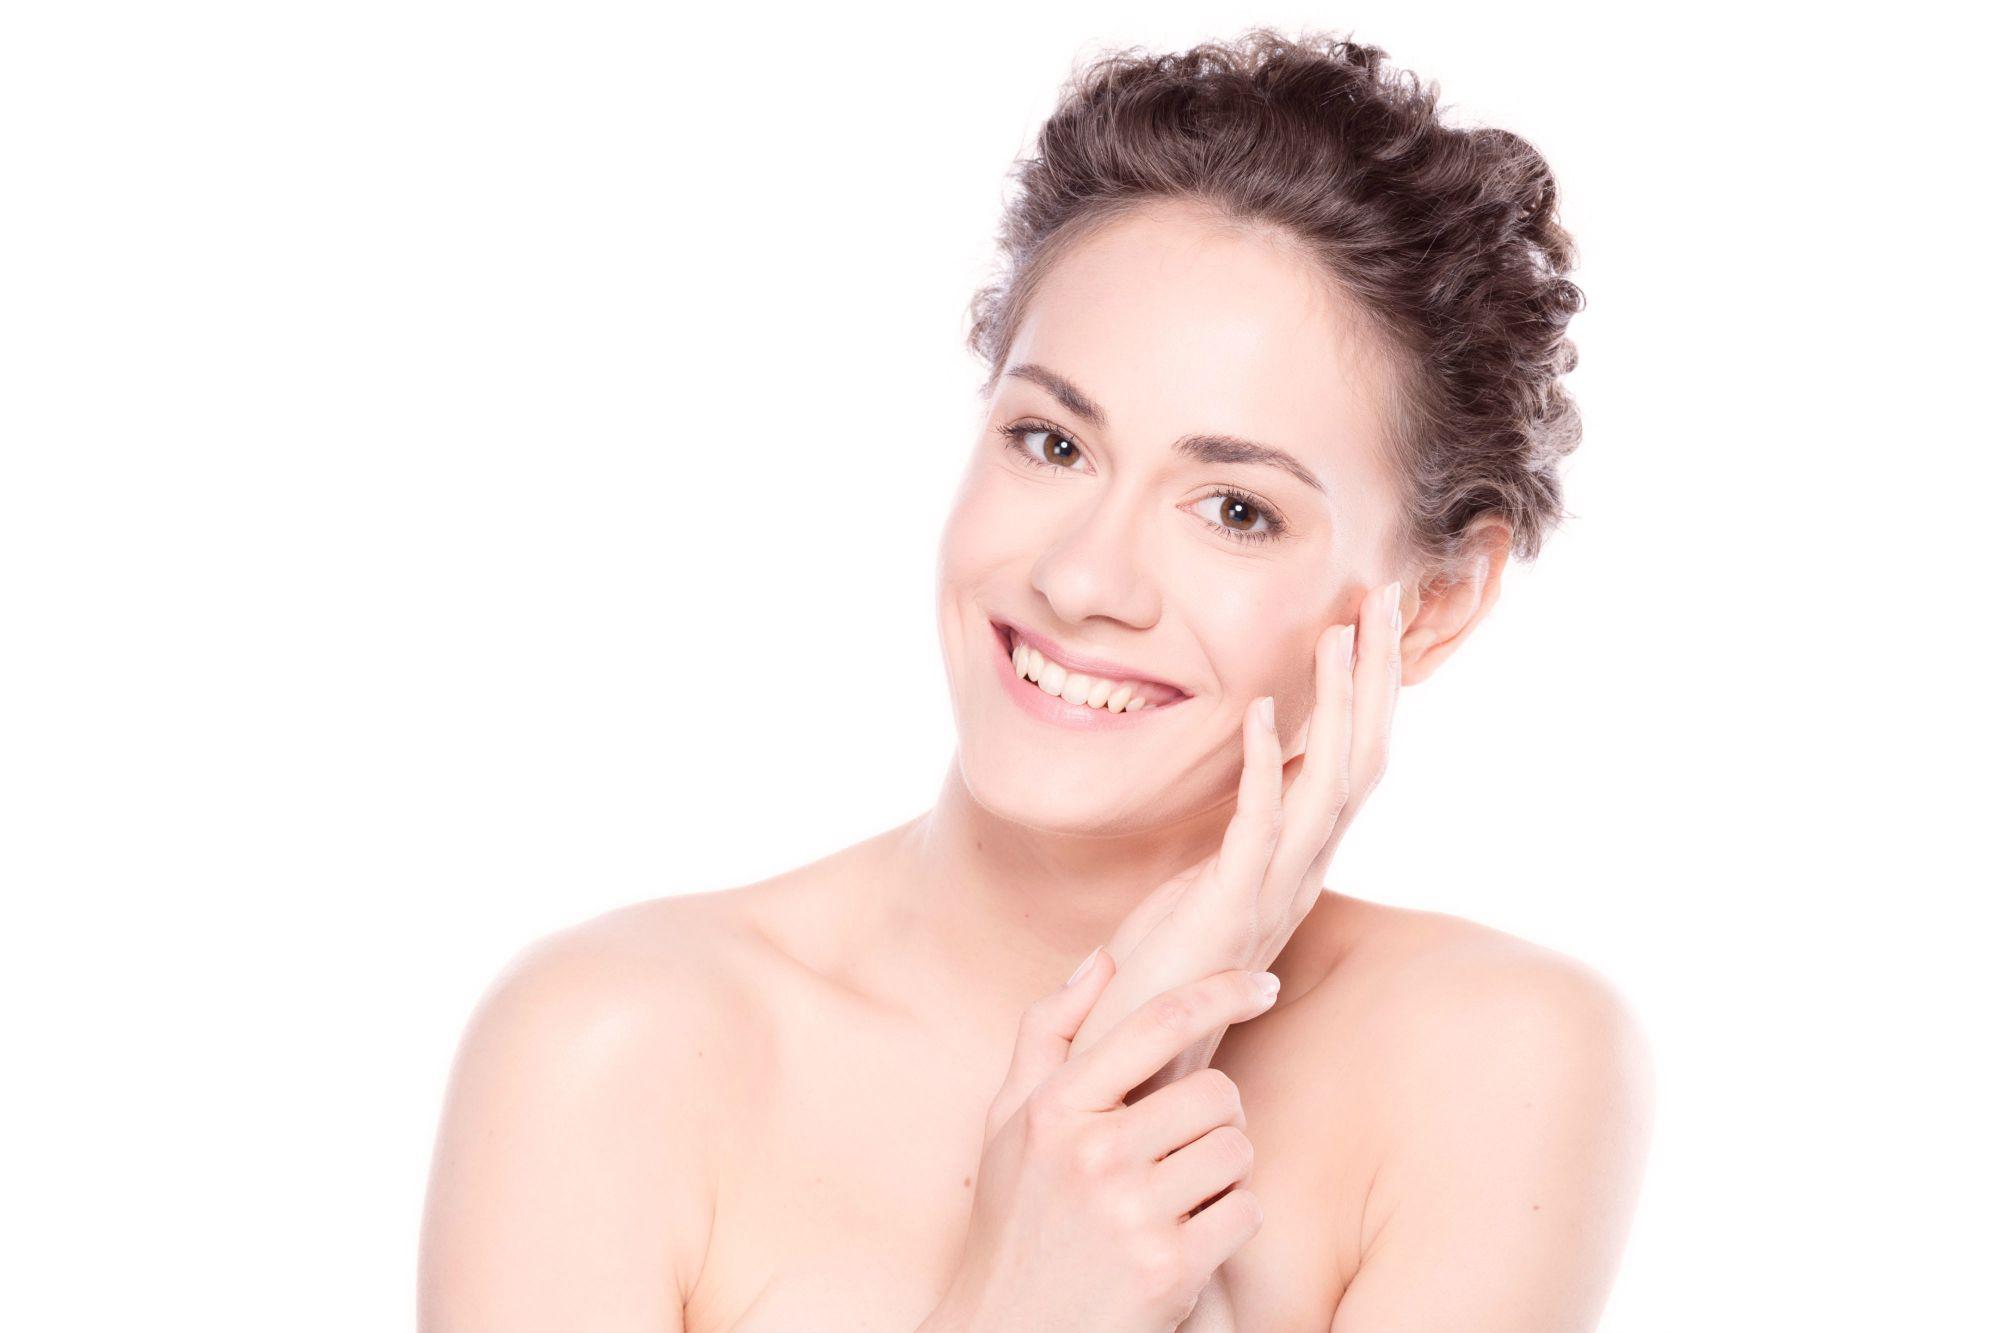 Chirurgie esthétique du visage à Rennes | Dr Dellière